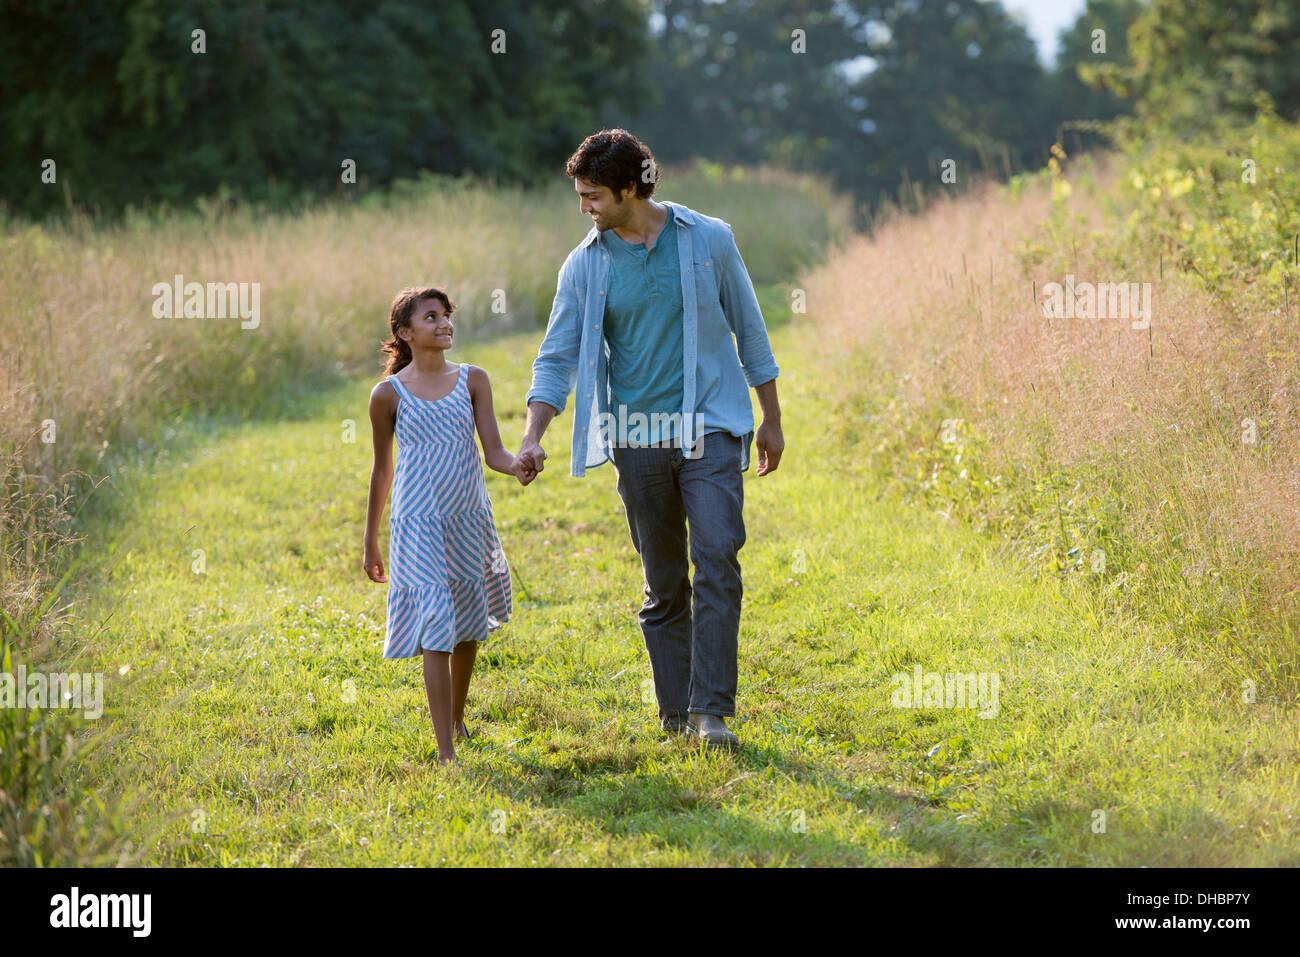 Un uomo e una giovane ragazza camminare giù un percorso falciata in erba lunga tenendo le mani. Immagini Stock